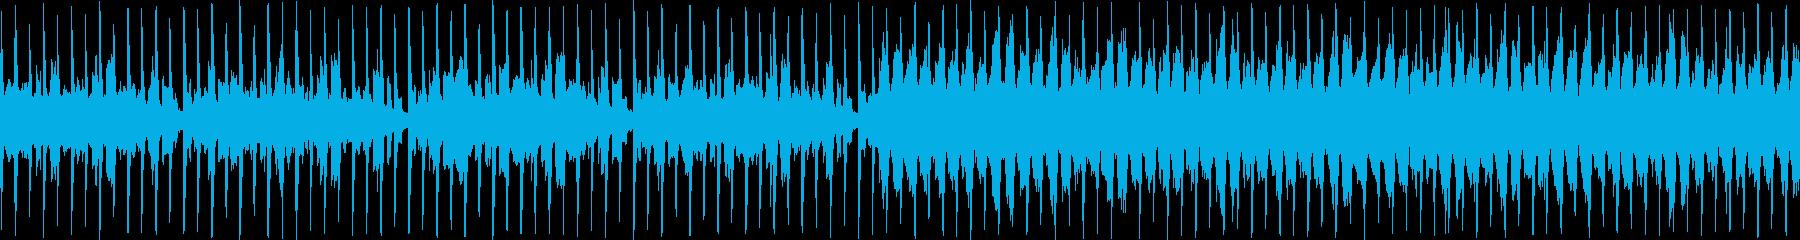 爽やかなシンセサウンド、紹介・宣伝にの再生済みの波形